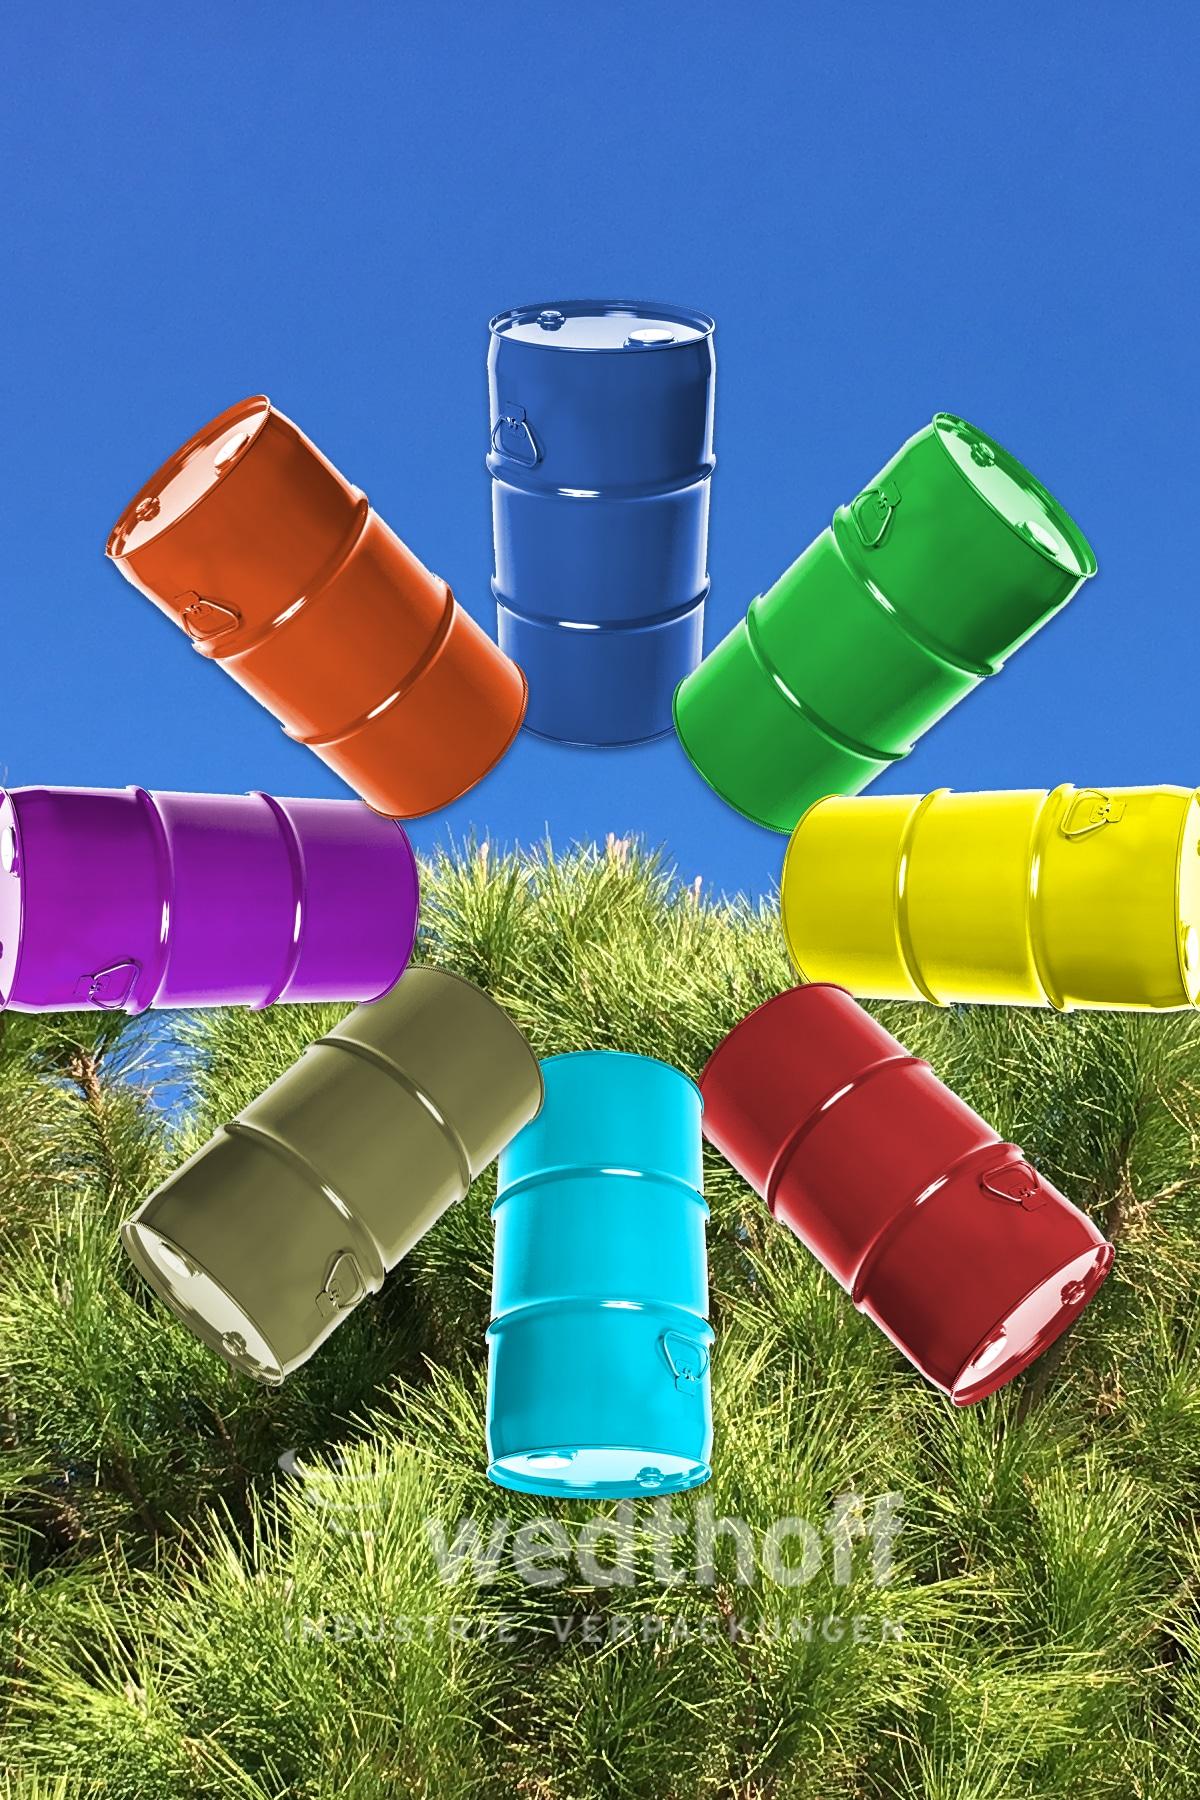 Gefahrgutverpackung by WEDTHOFF in Sonderlackeierung. Industrieverpackungen individualisiert.